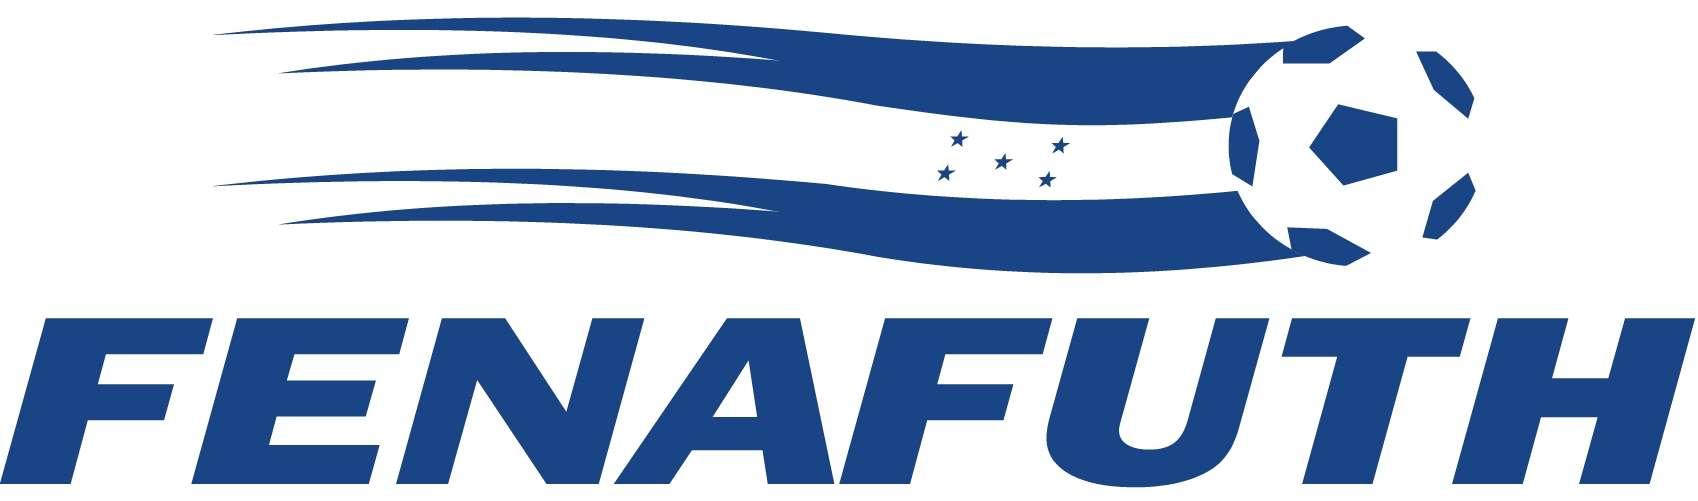 honduras-national-football-team-association-football-in-honduras-logo1